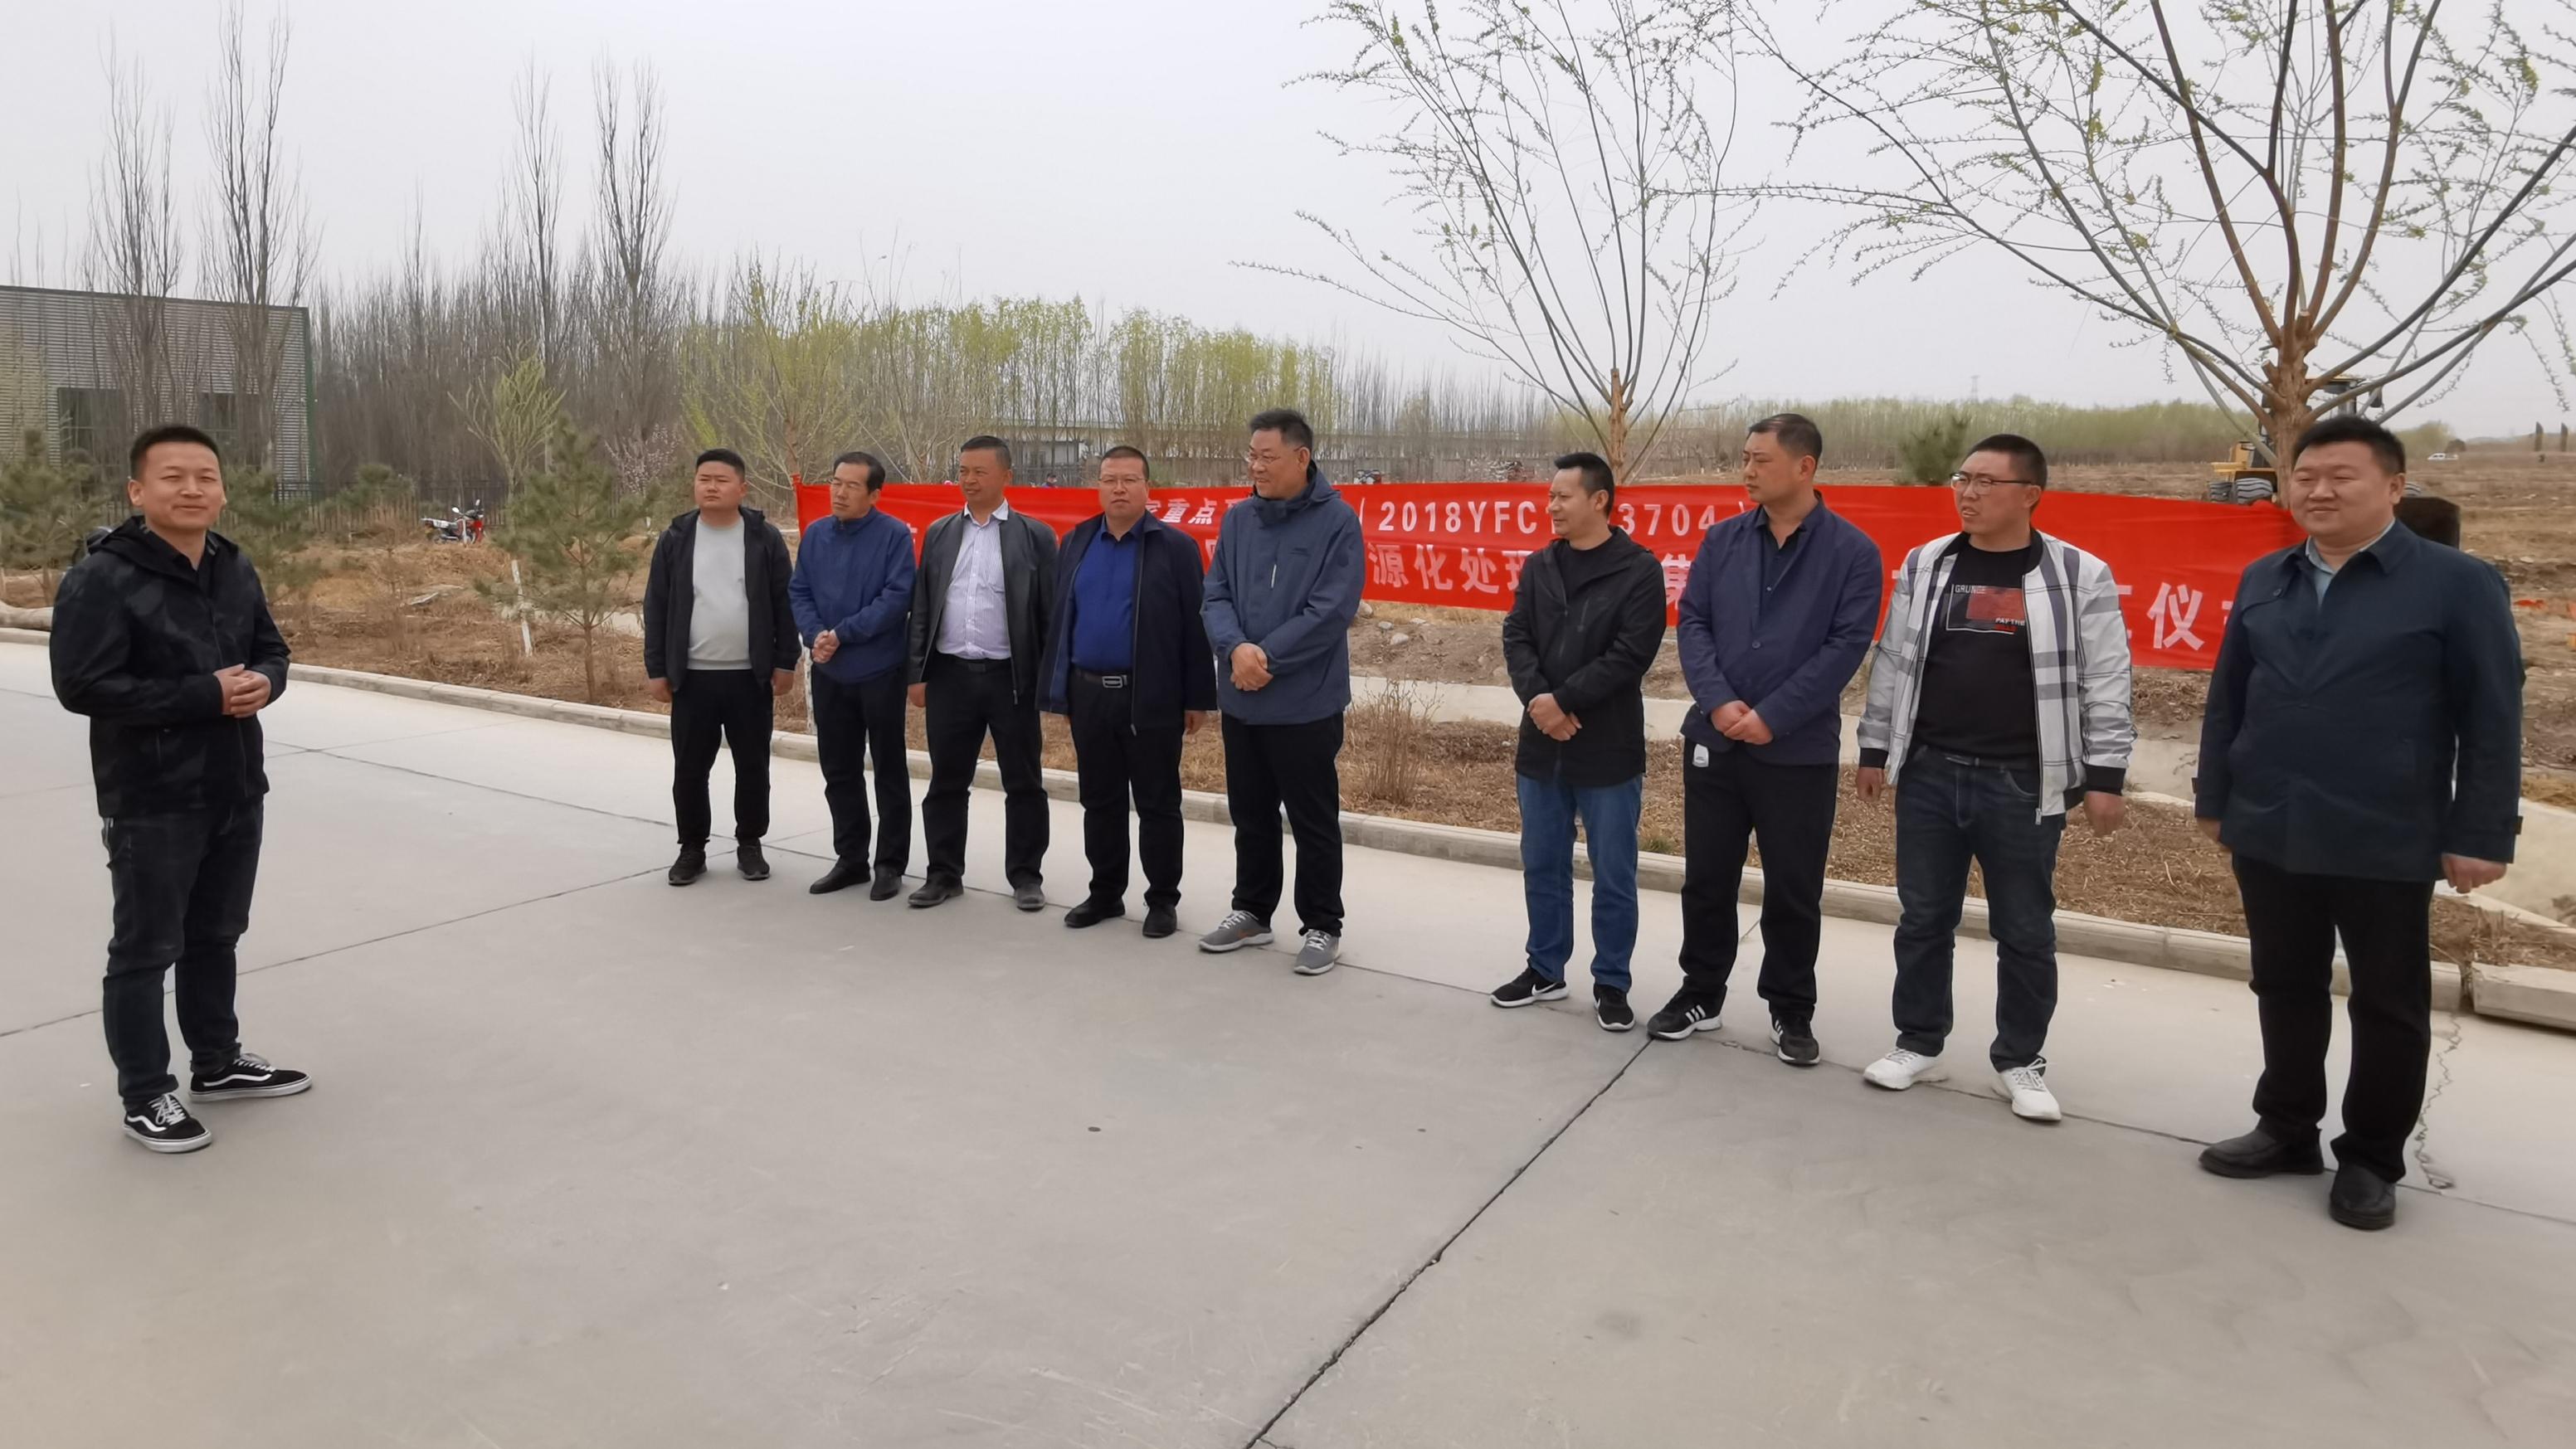 祁连山农牧旅游区有机废弃物生态高效利用技术集成示范工程正式开工!